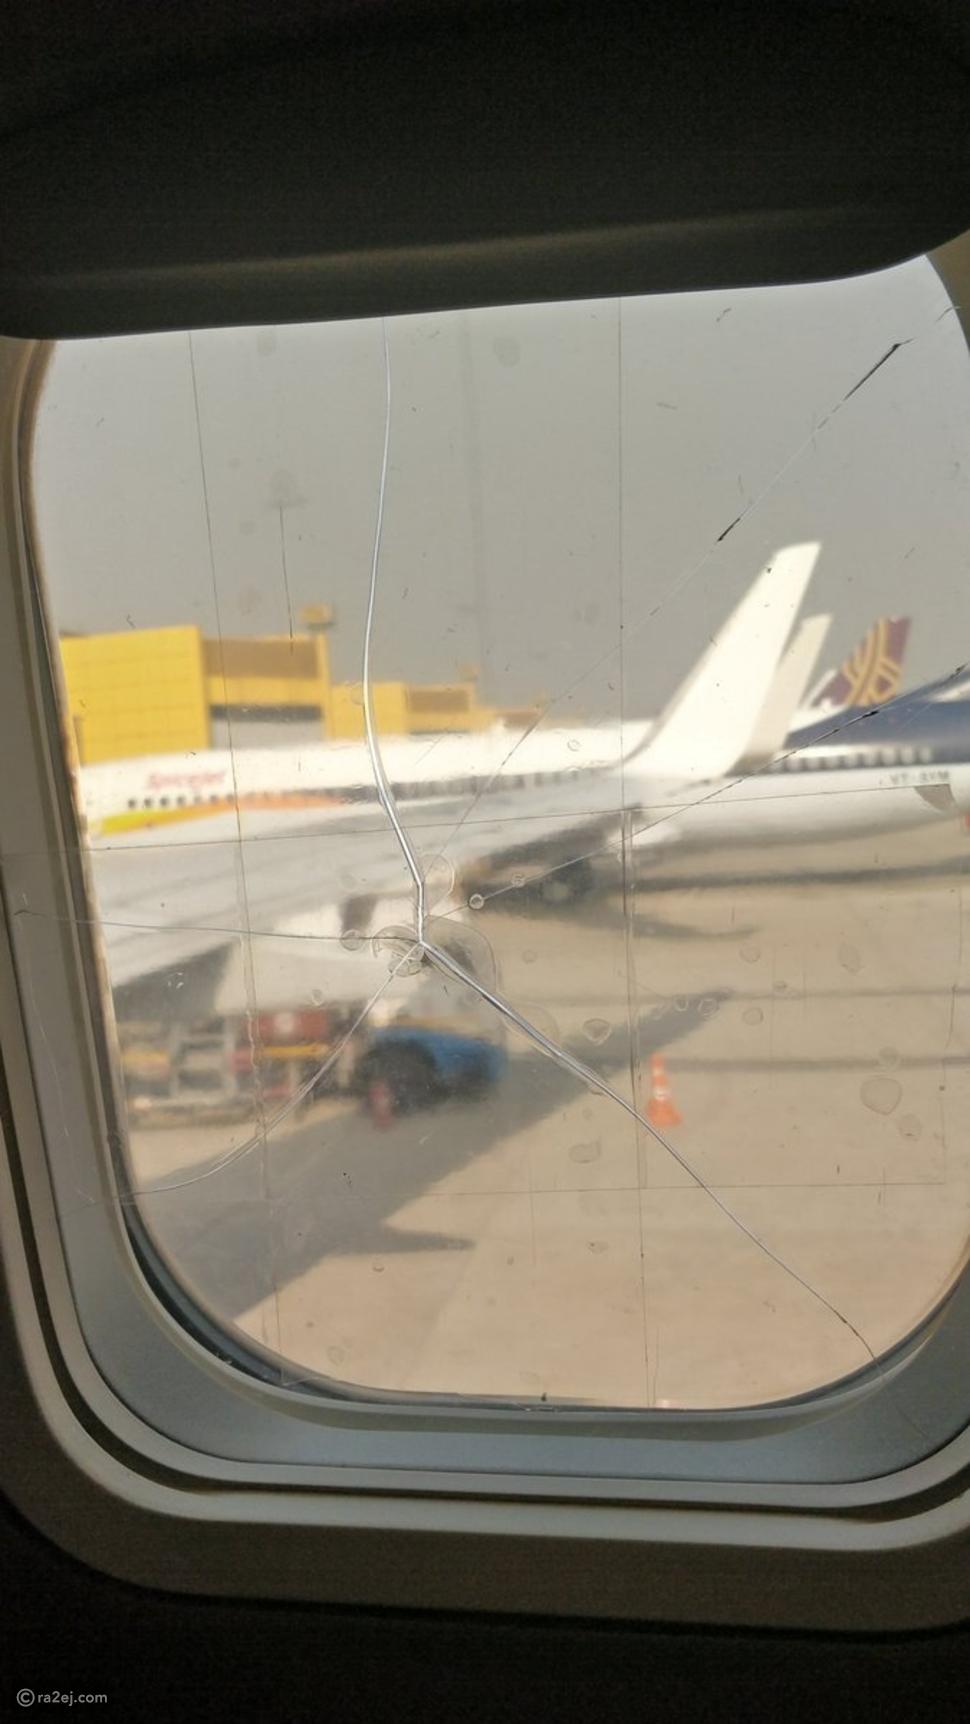 طاقم طائرة يصلح تشققات زجاج نافذة مكسورة بطريقة غير متوقعة!